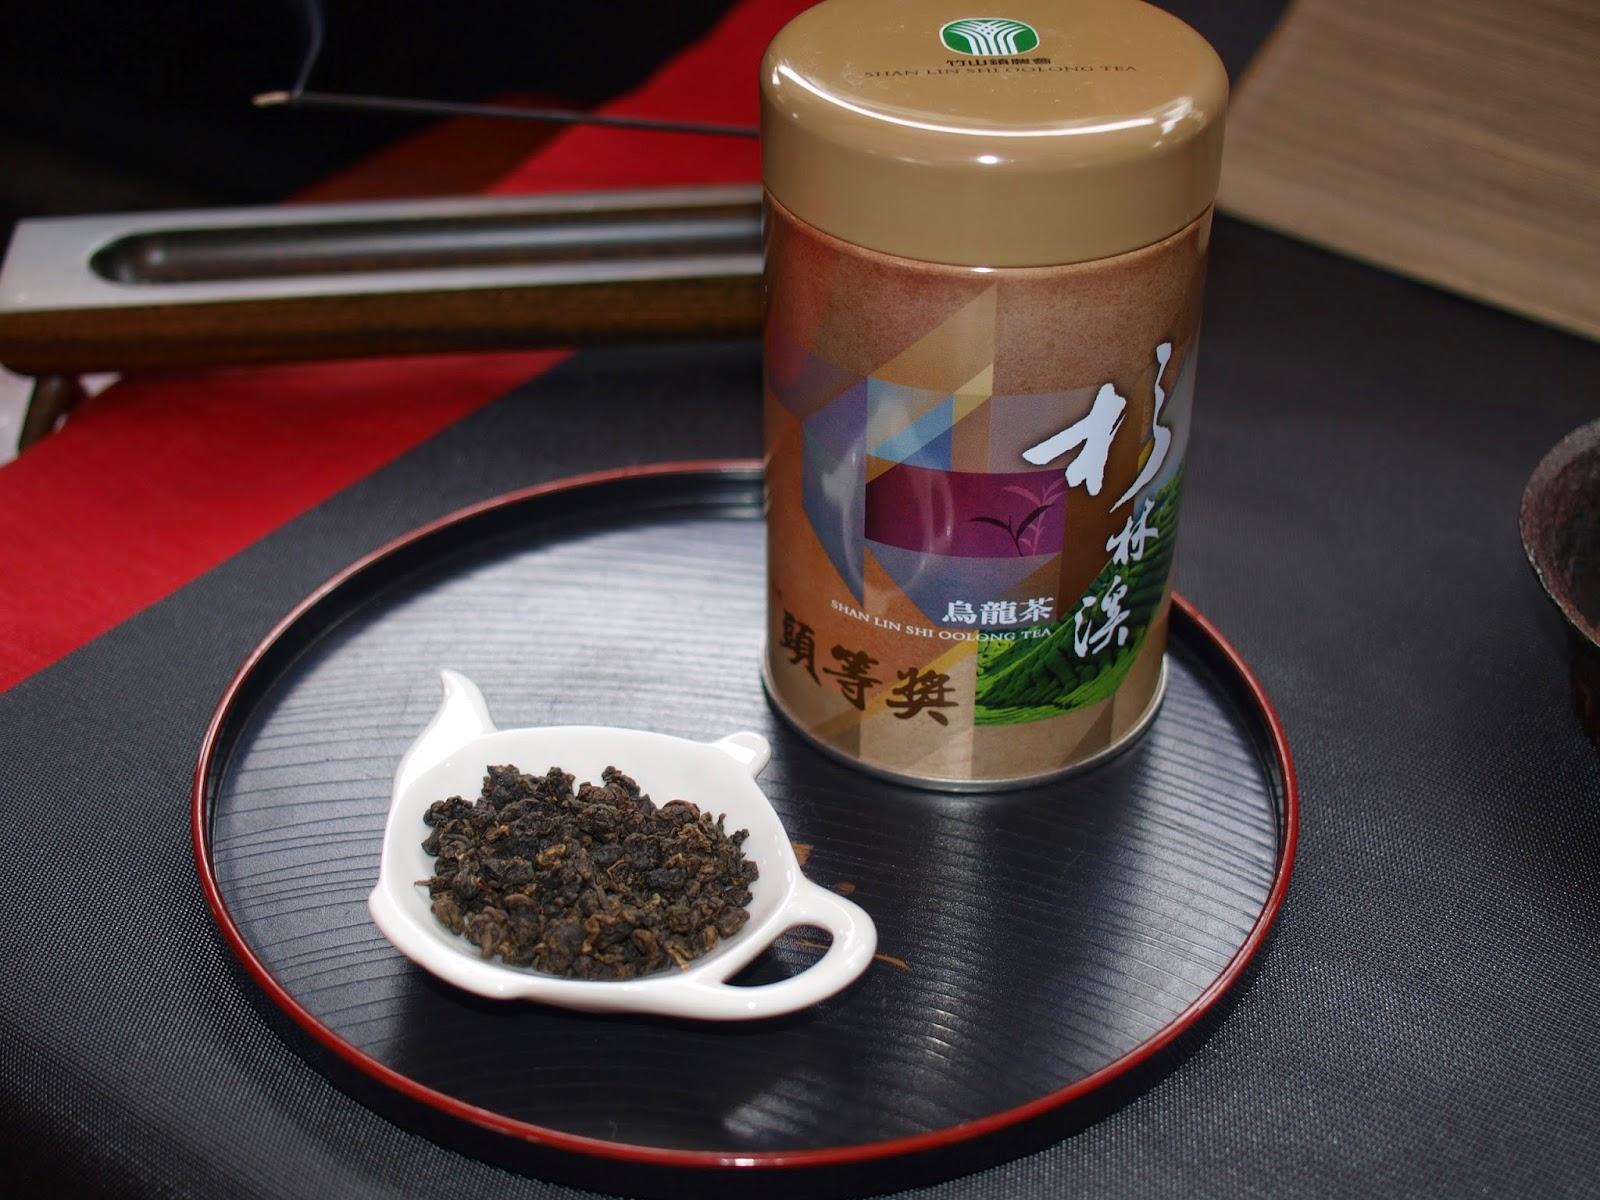 竹山農會比賽茶 (杉林溪比賽茶) 頭等獎